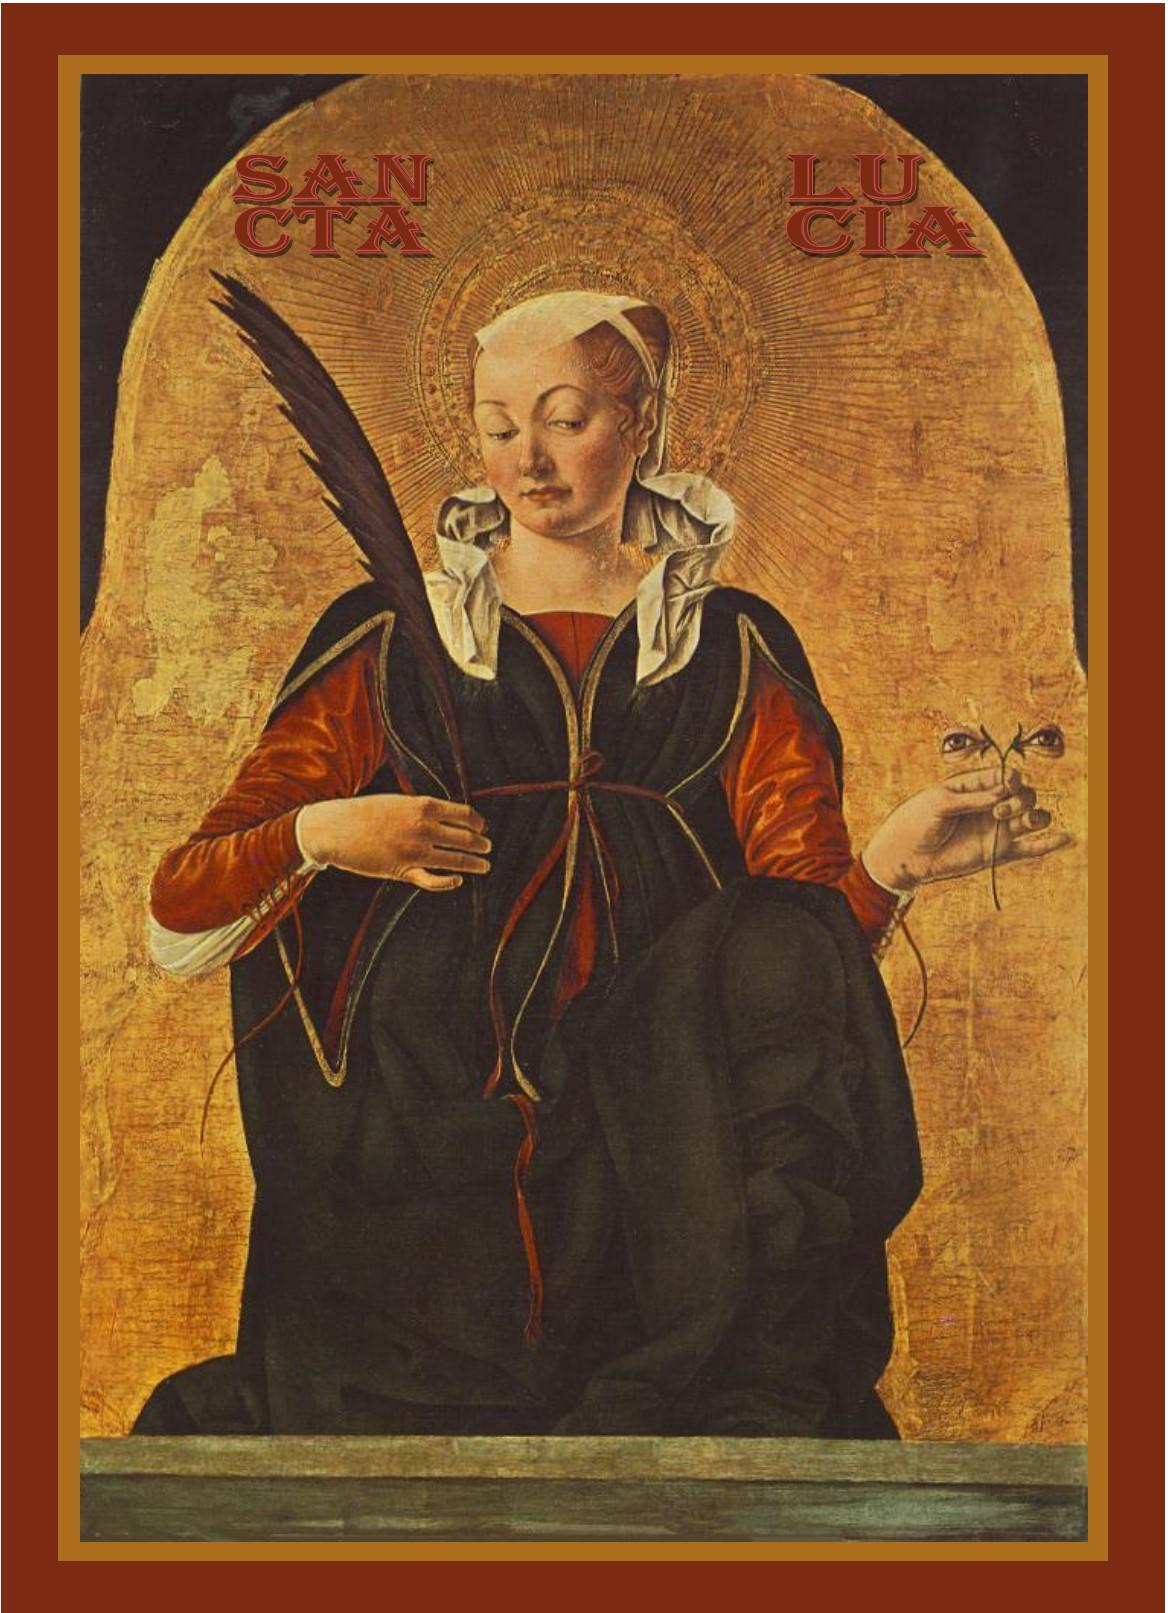 Lucia Altenhofen